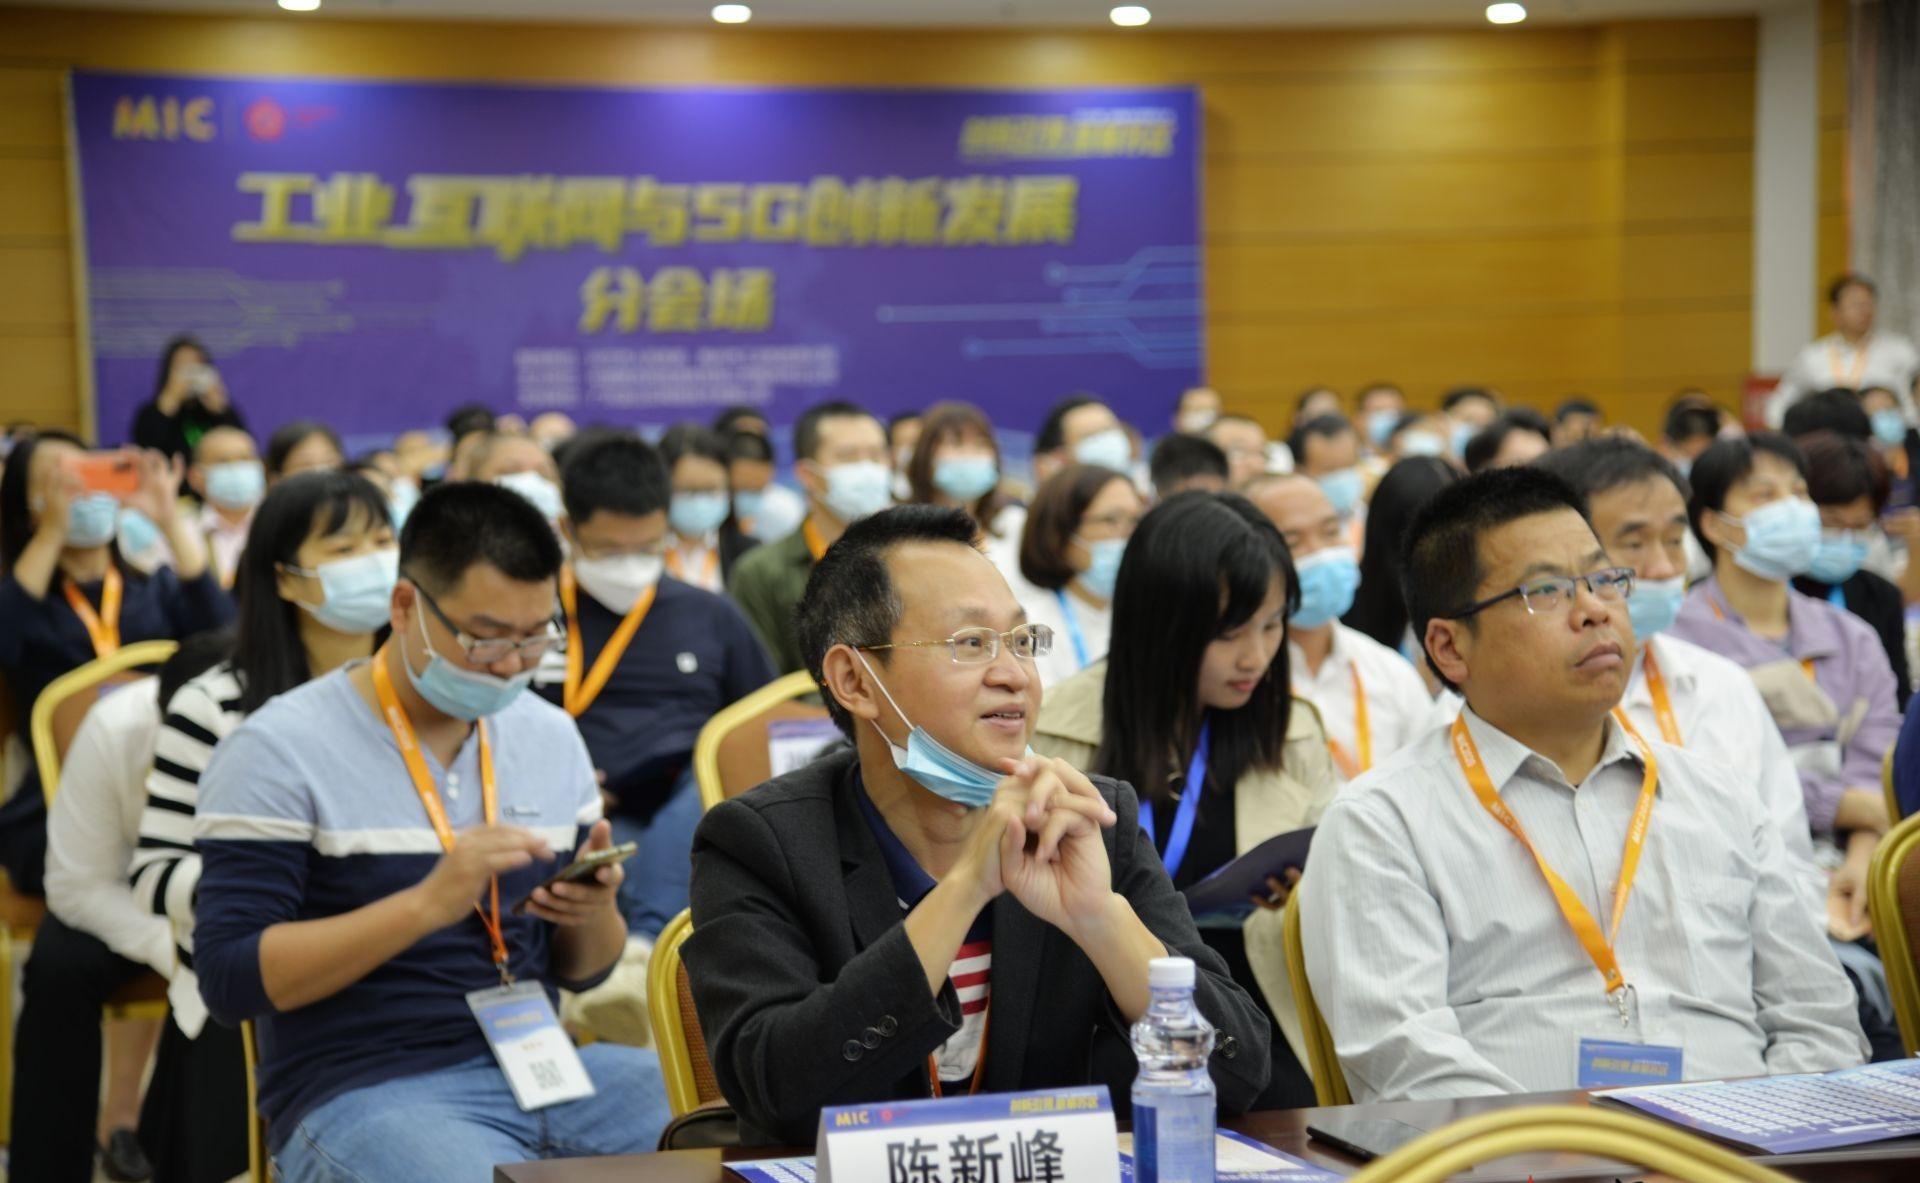 工业互联网与5G创新发展分会场。 (钟幸钰 摄)